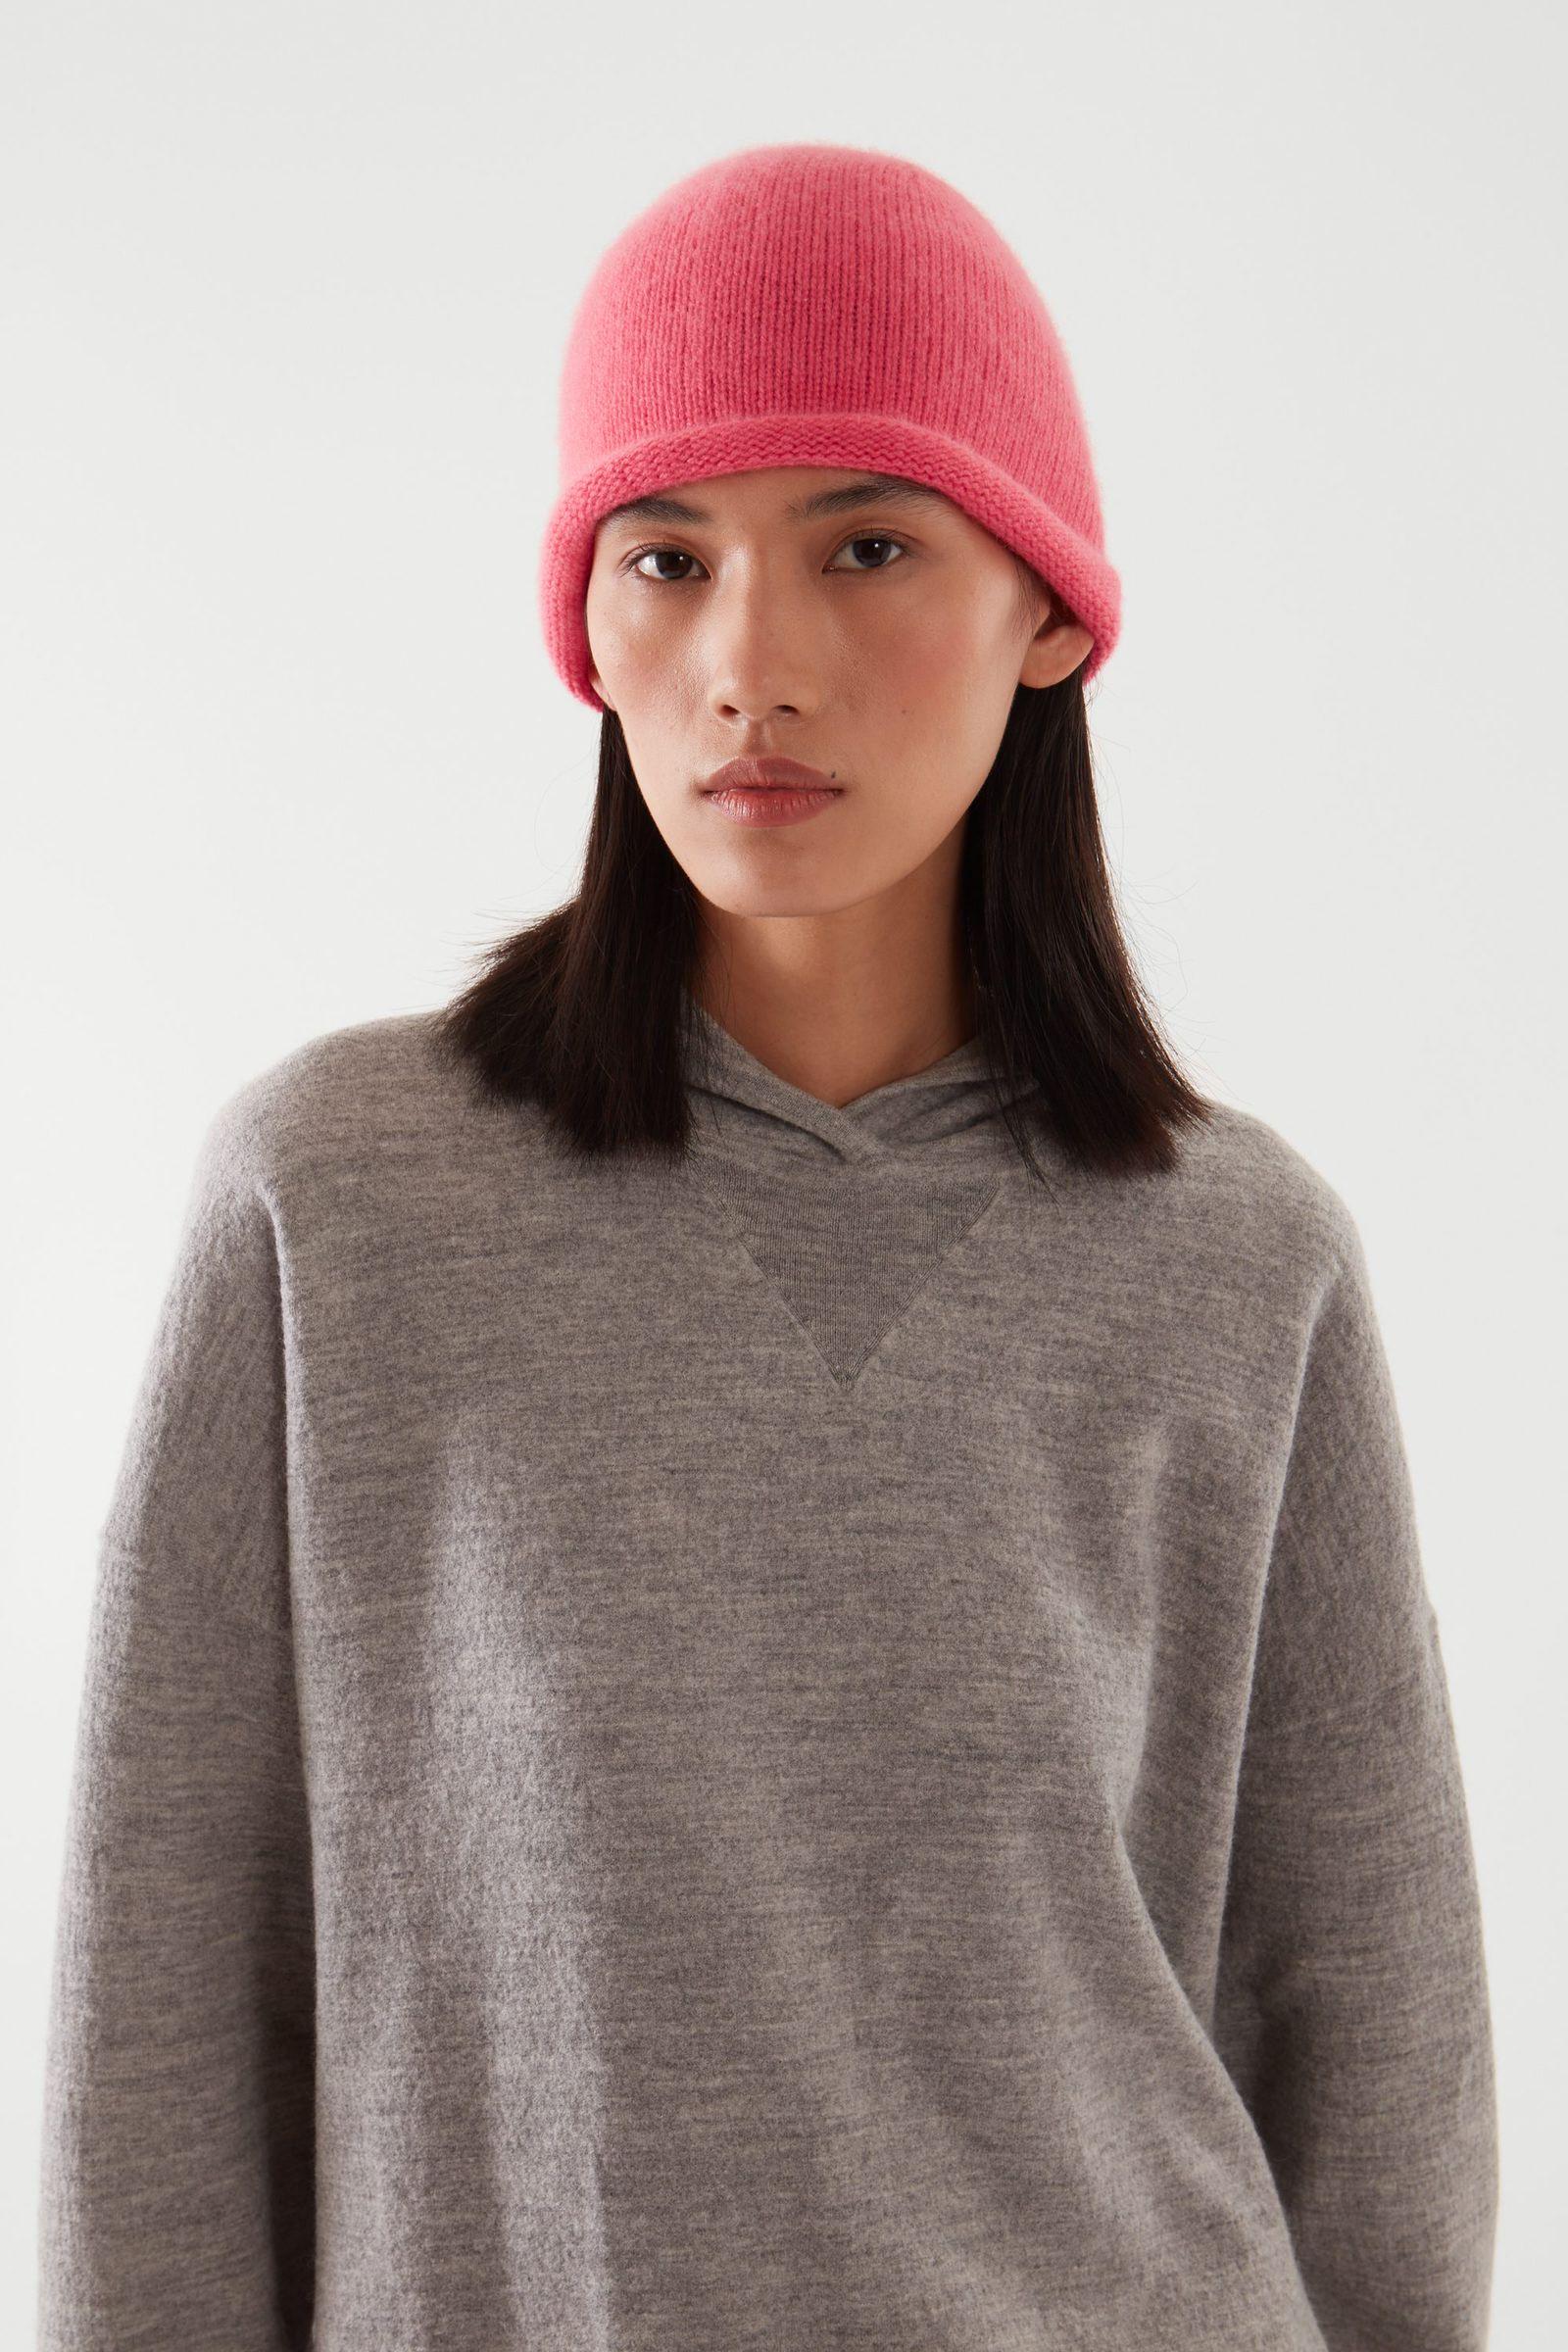 COS 캐시미어 비니의 브라이트 핑크컬러 ECOMLook입니다.